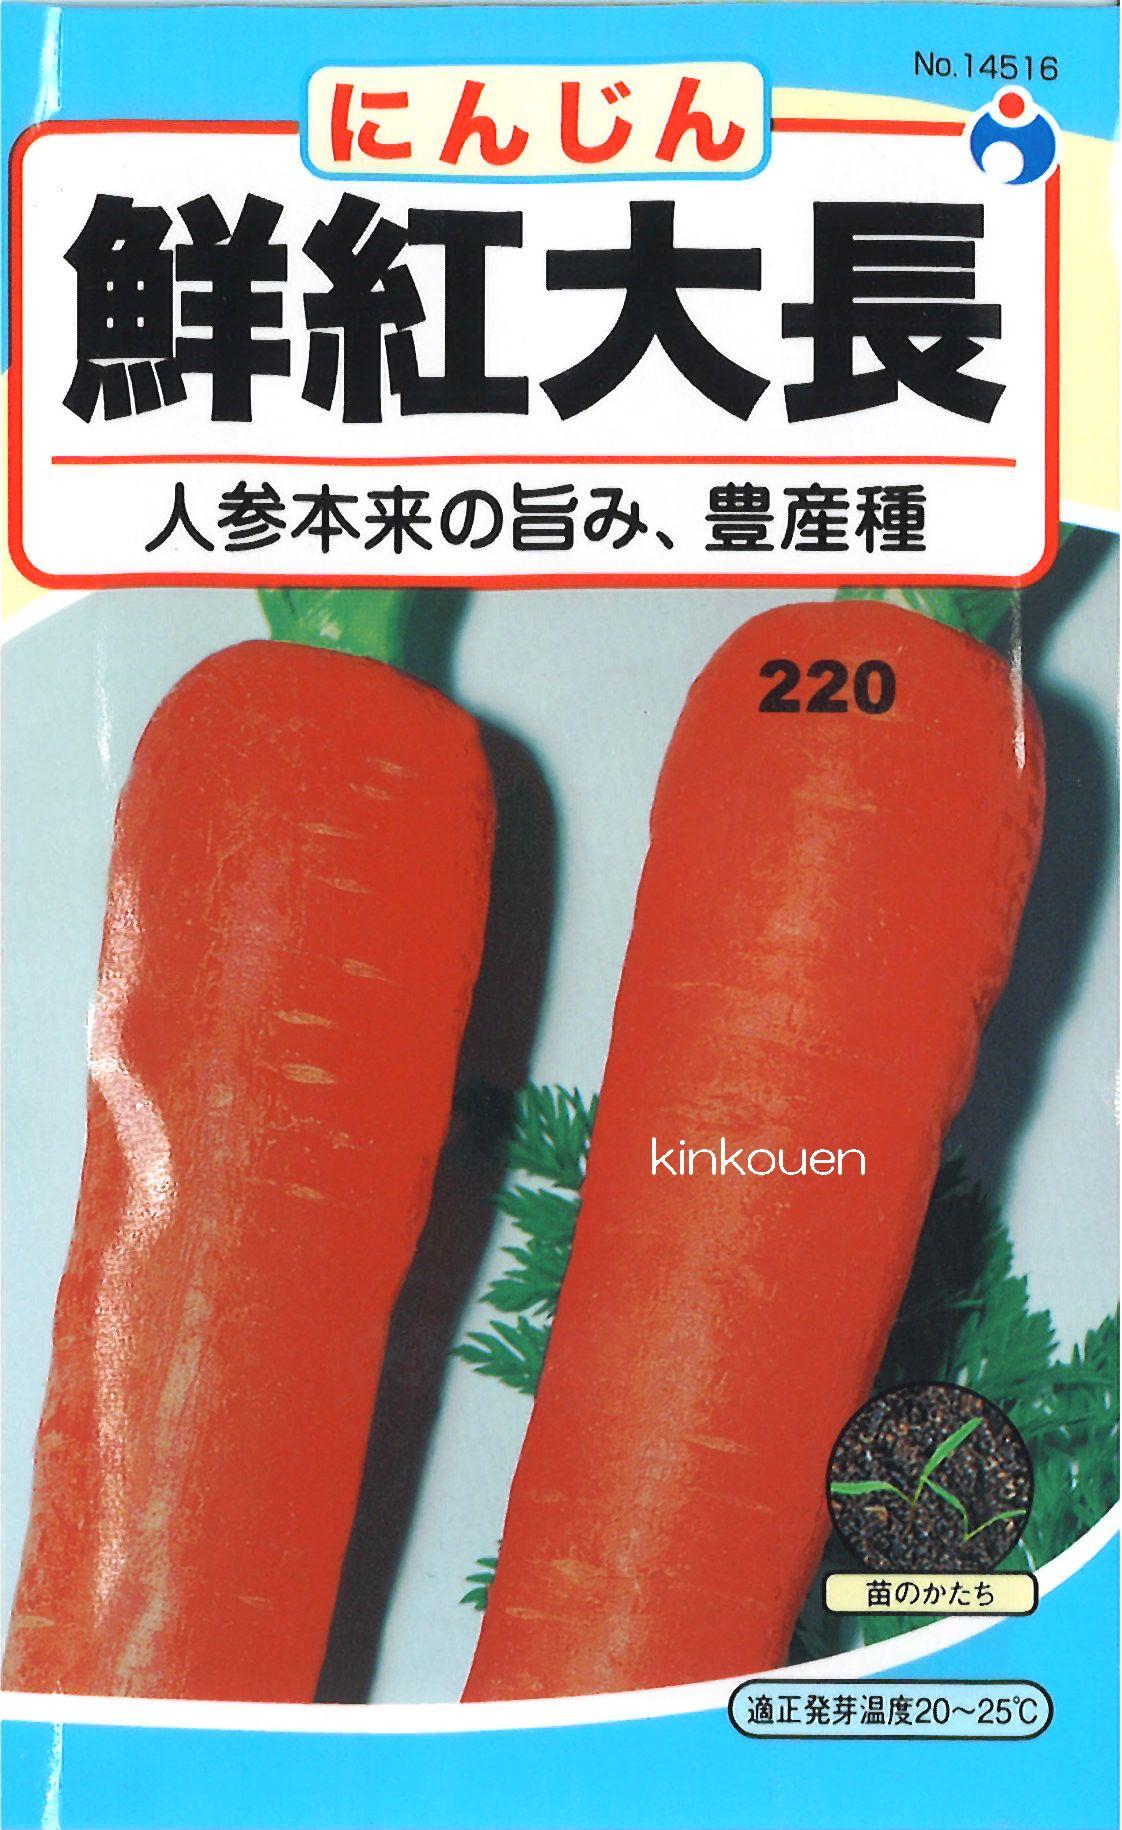 ≪代引不可≫≪5袋まで送料80円≫ □鮮紅大長人参